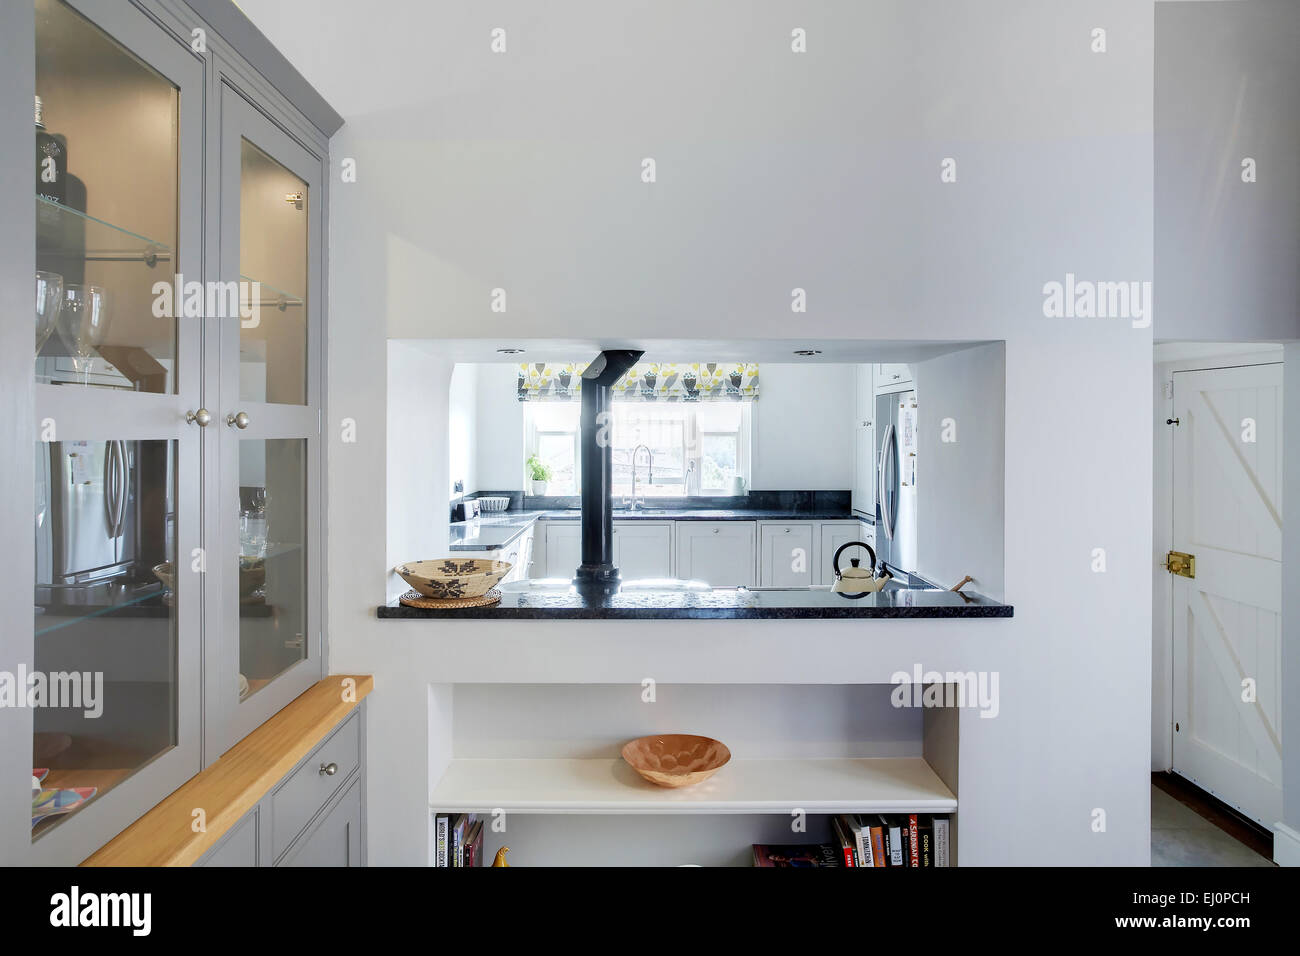 Eine Durchreiche in eine moderne Küche in einem Haus im Vereinigten ...